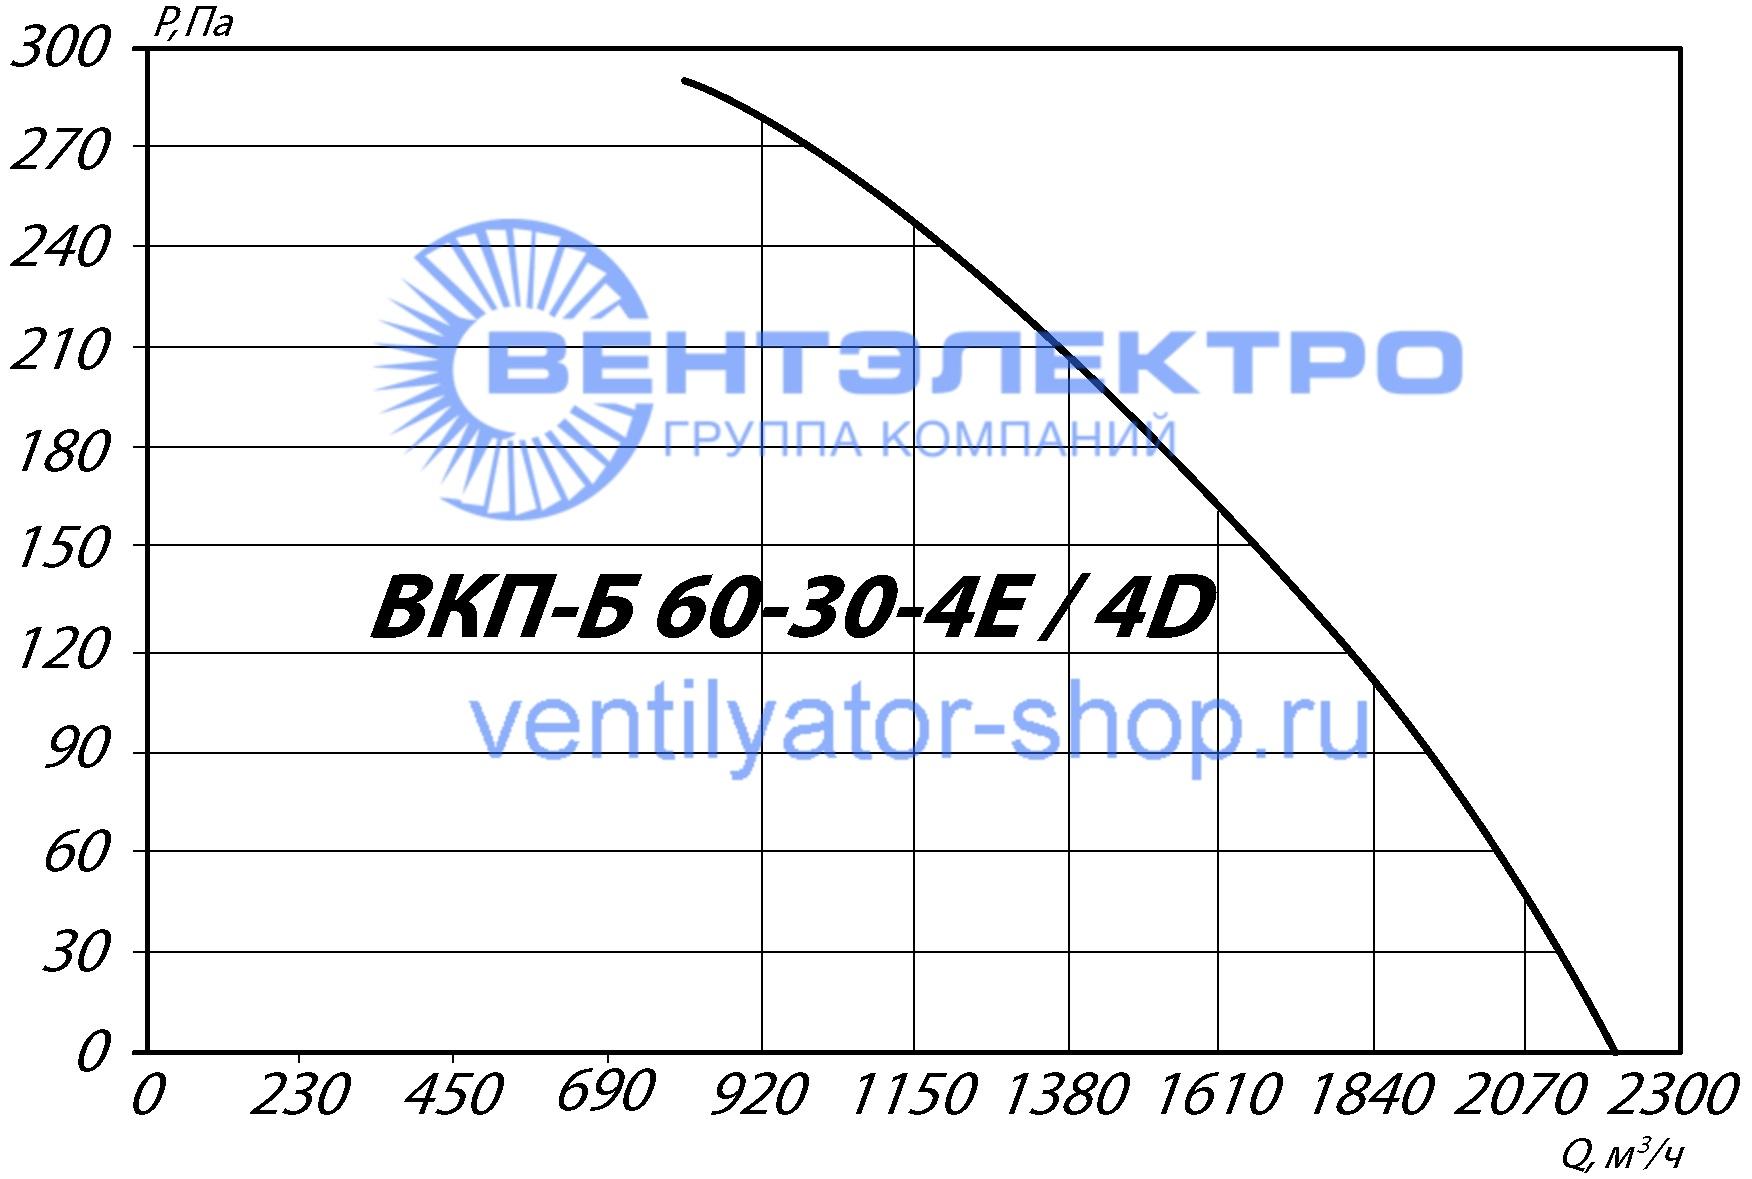 График аэродинамических характеристик ВКП-Б 60-30-4D